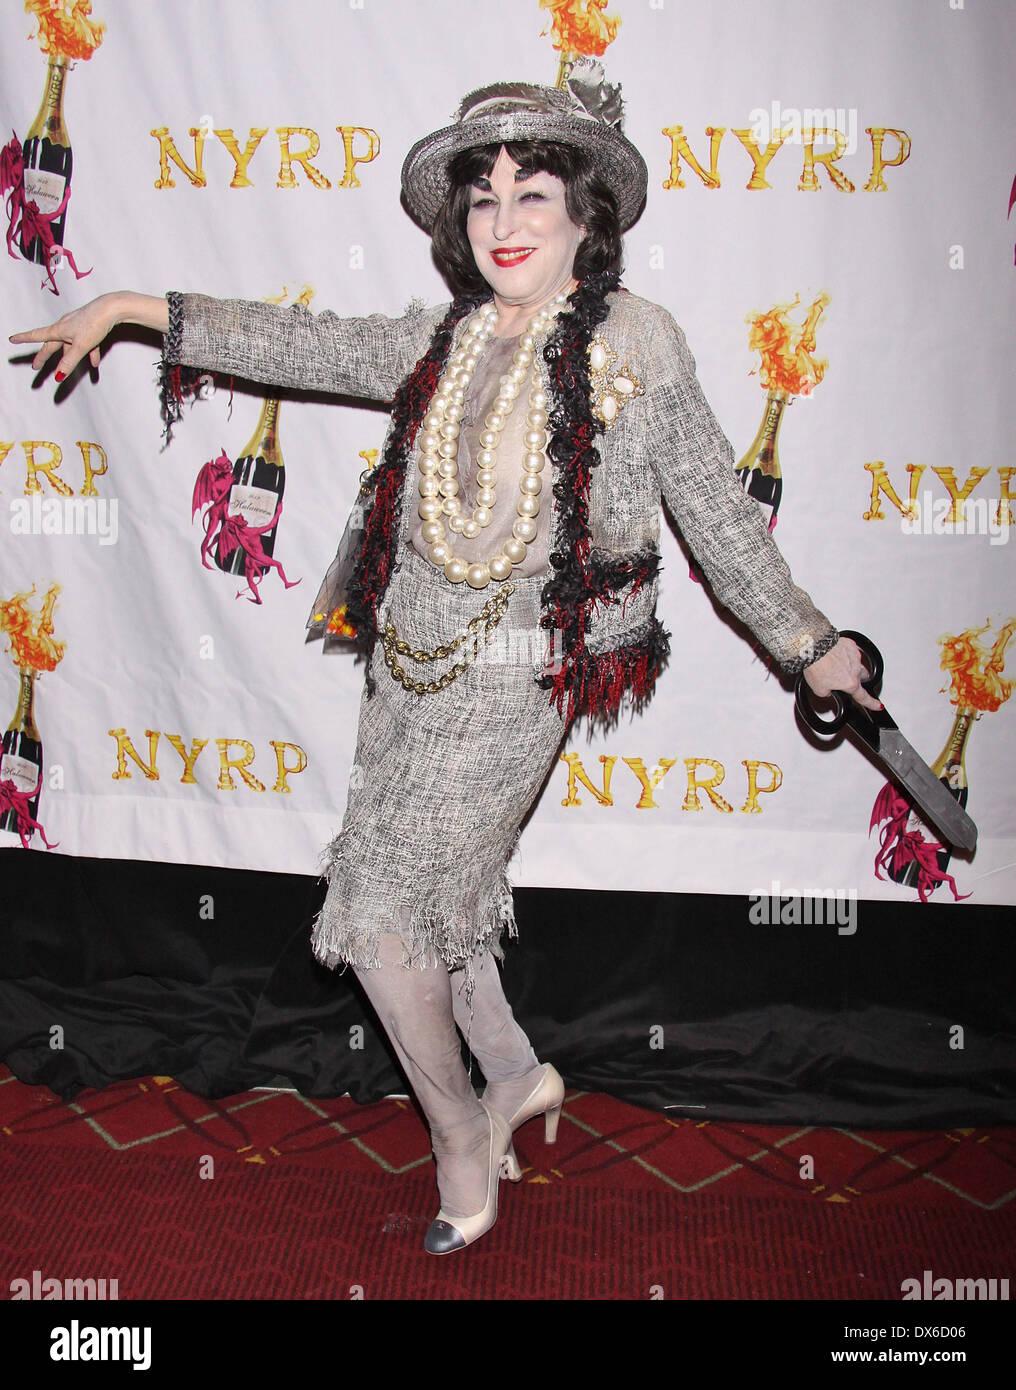 Bette Midler comme le fantôme de Coco Chanel participant à la 17e  gala-bénéfice annuel 11127af9d4a